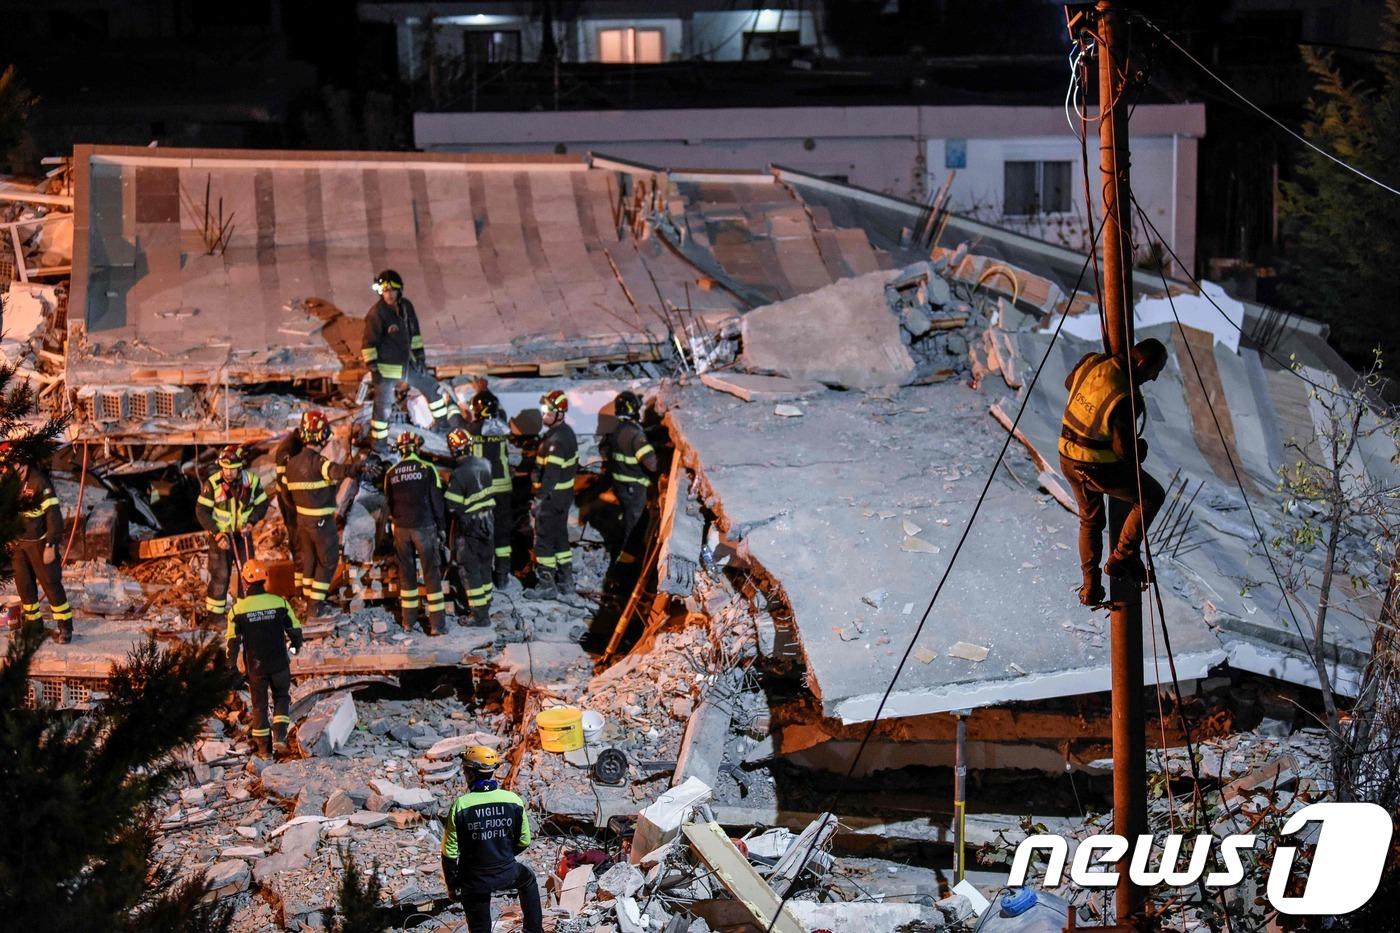 알바니아 지진 사망자 47명으로 늘어..총리 가족도 희생[엠벳 토토|신세계 토토]